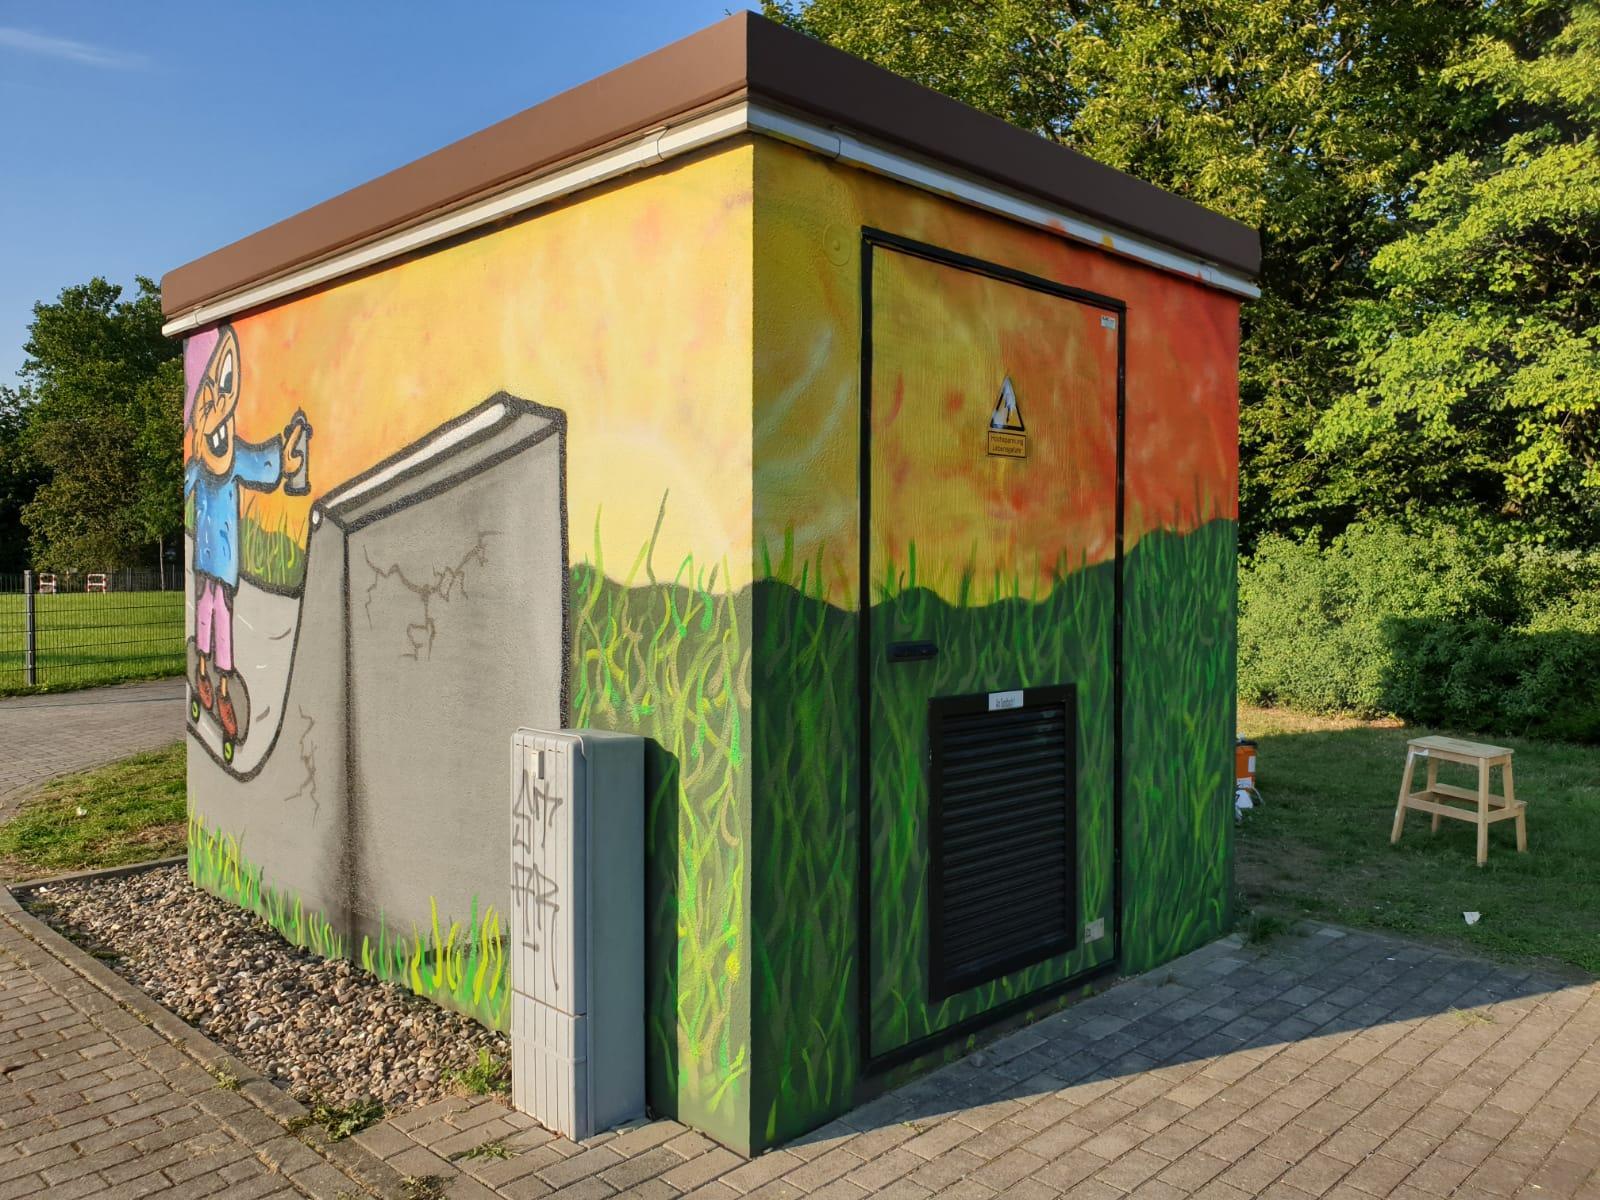 jugendkulturjahr-2020-ratingen-jkj2020-graffiti